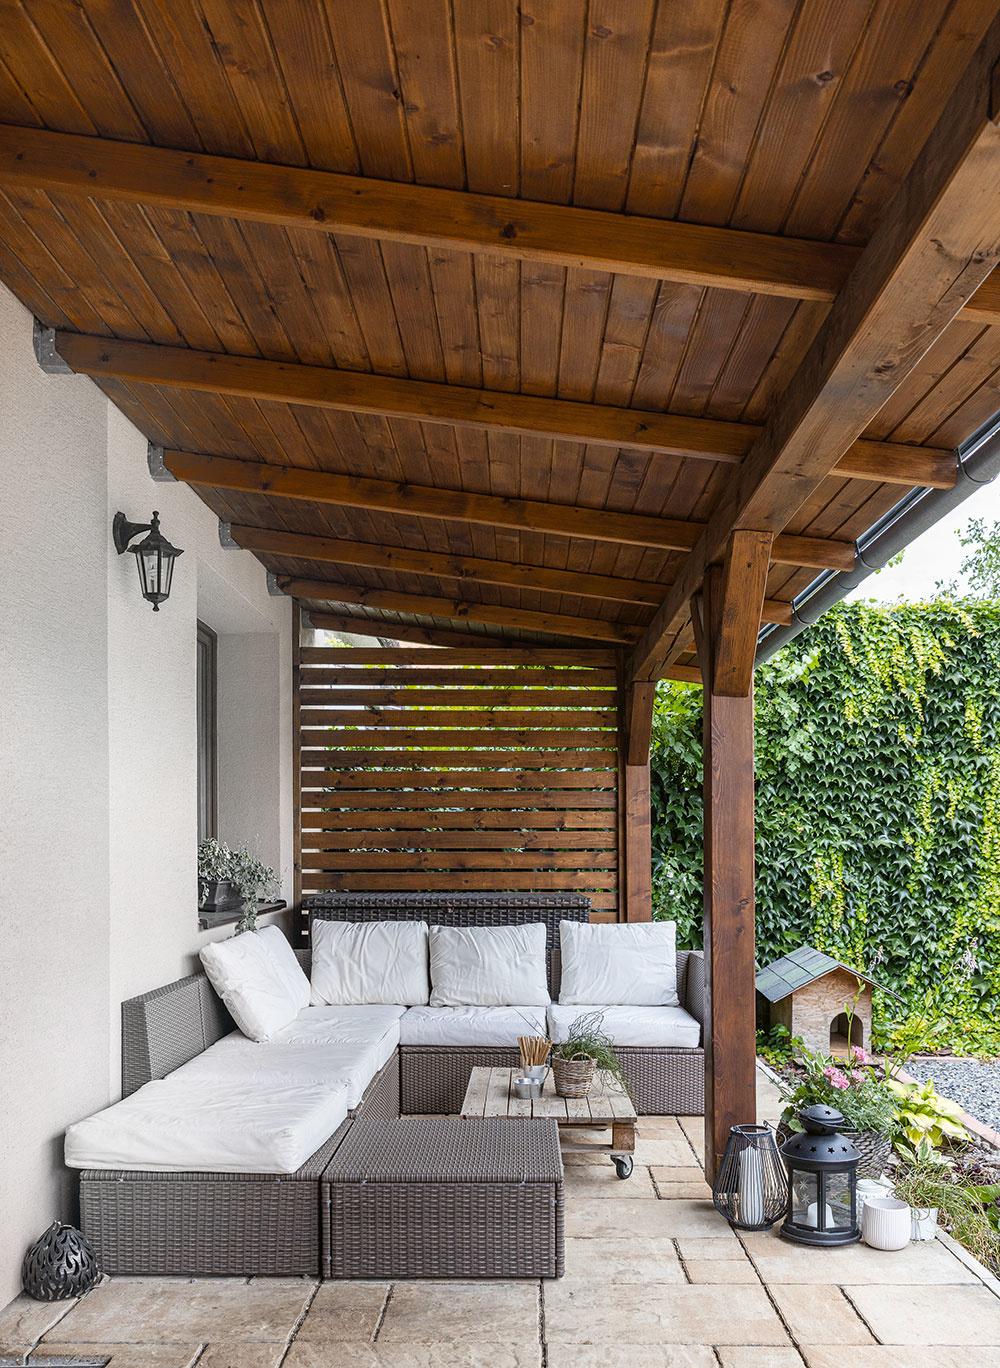 Miesto na relax je na vyvýšenej terase pod dreveným prístreškom. Keďže manželia vlastnia interiérové štúdio, na montážne práce je domáci pán odborník. Väčšinu práce urobil Martin svojpomocne, občas priložili ruku kdielu imanželka Lívia alebo kamaráti.